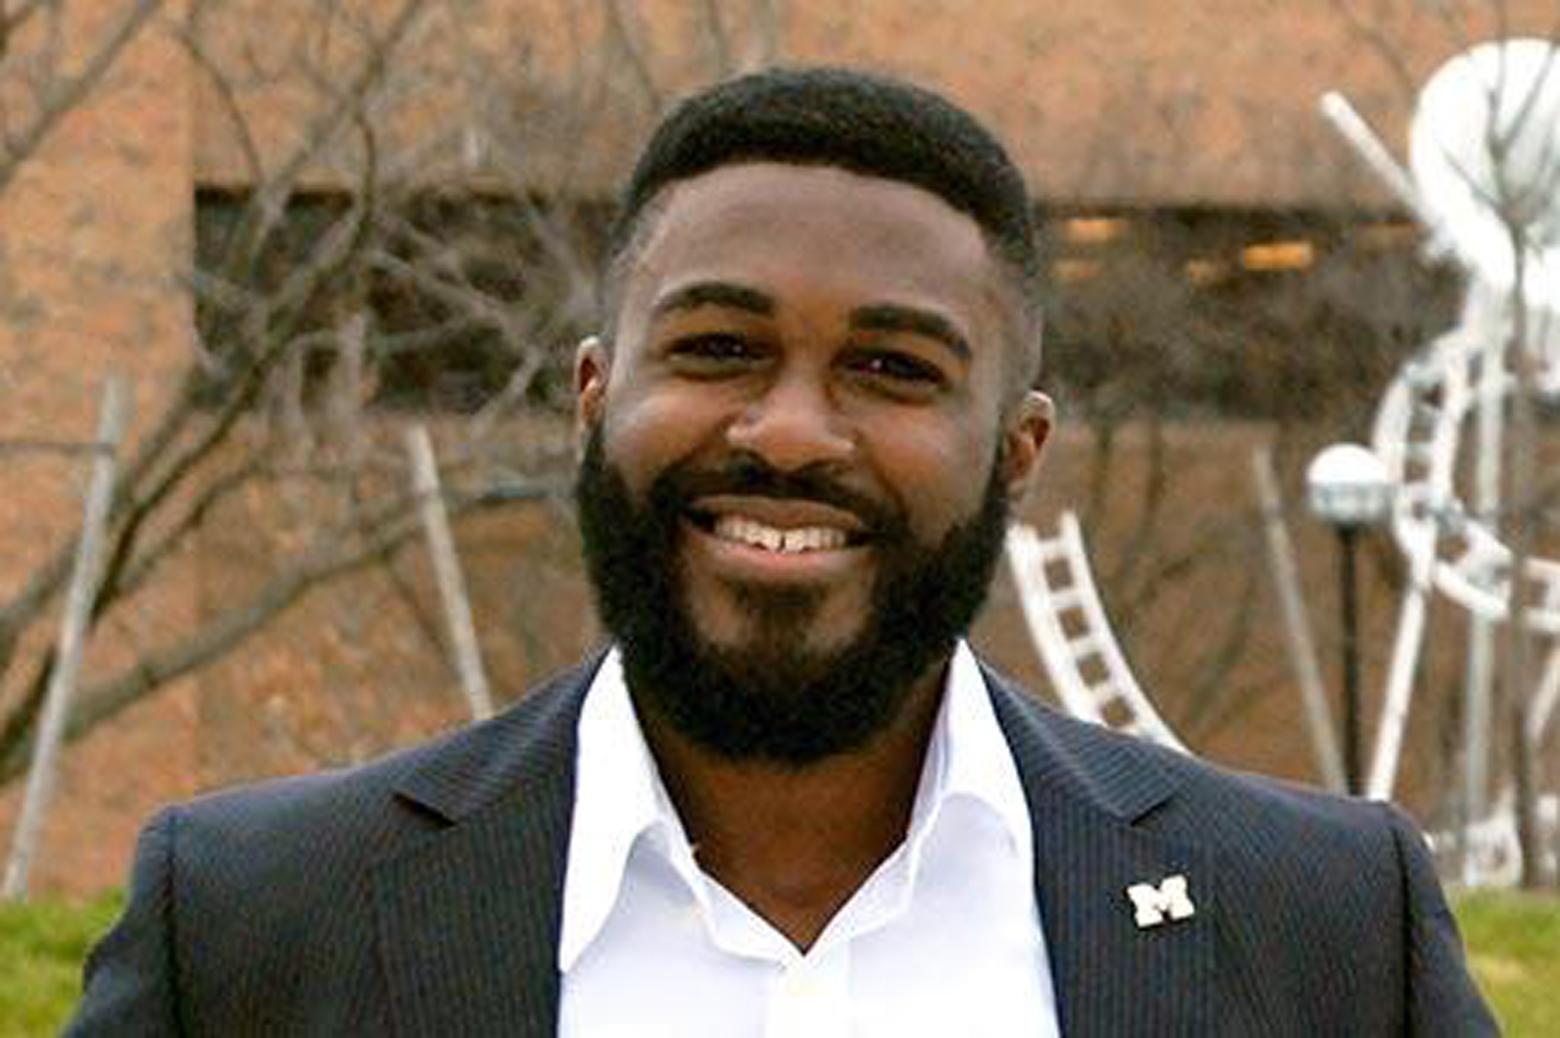 Chukwuka Mbagwu